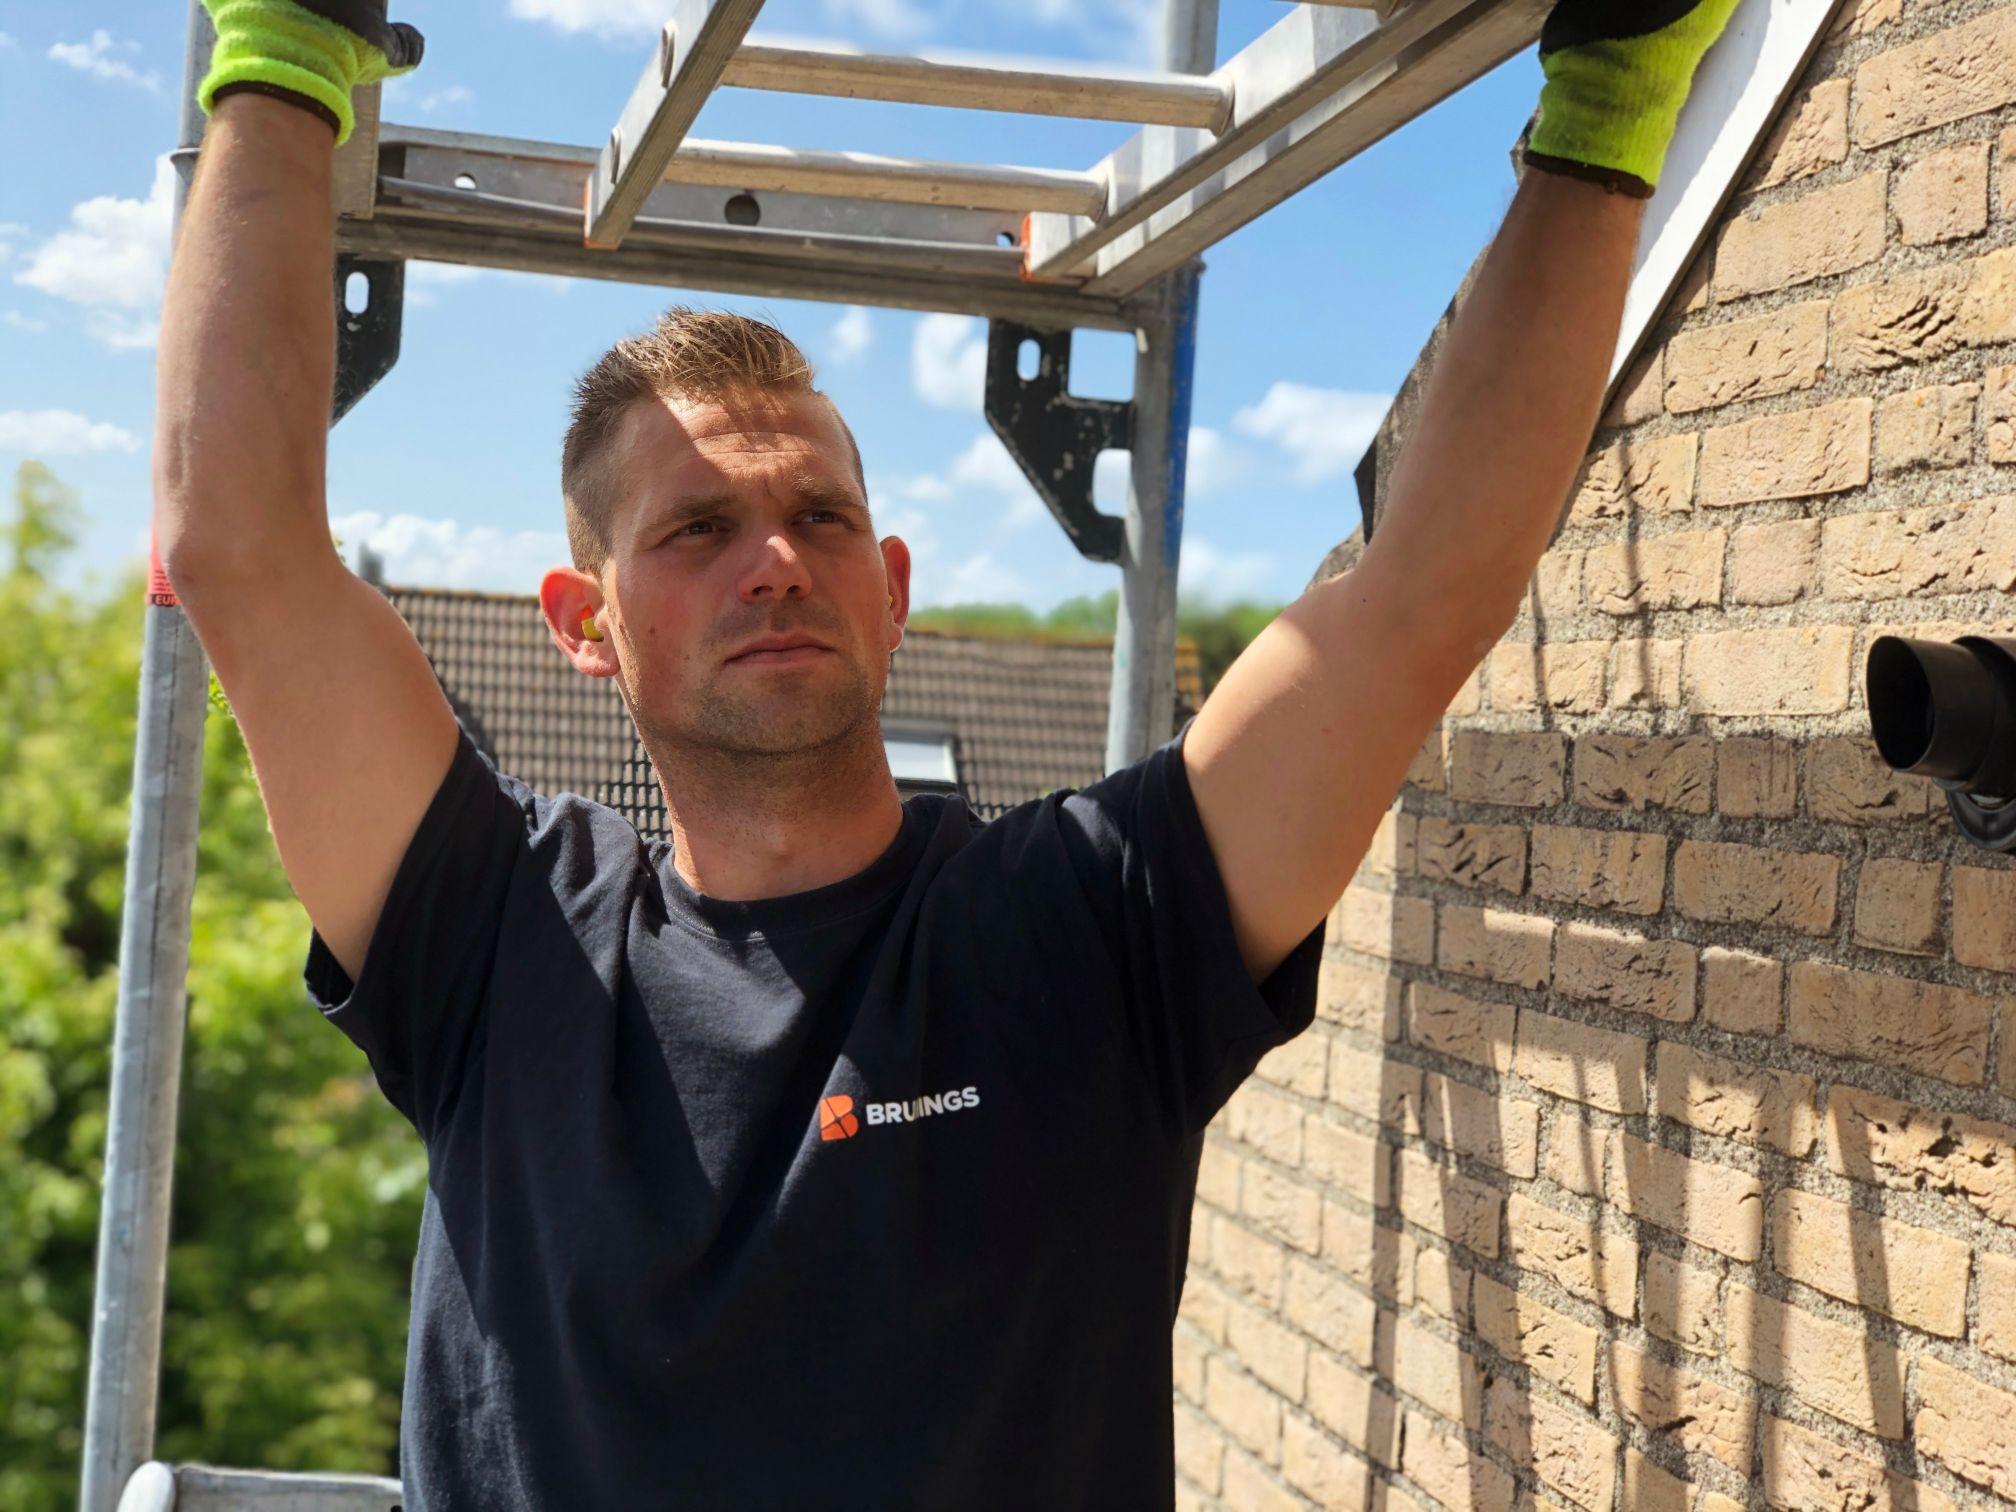 Gevelrenovatie steigerbouw Bruinings Renovatie